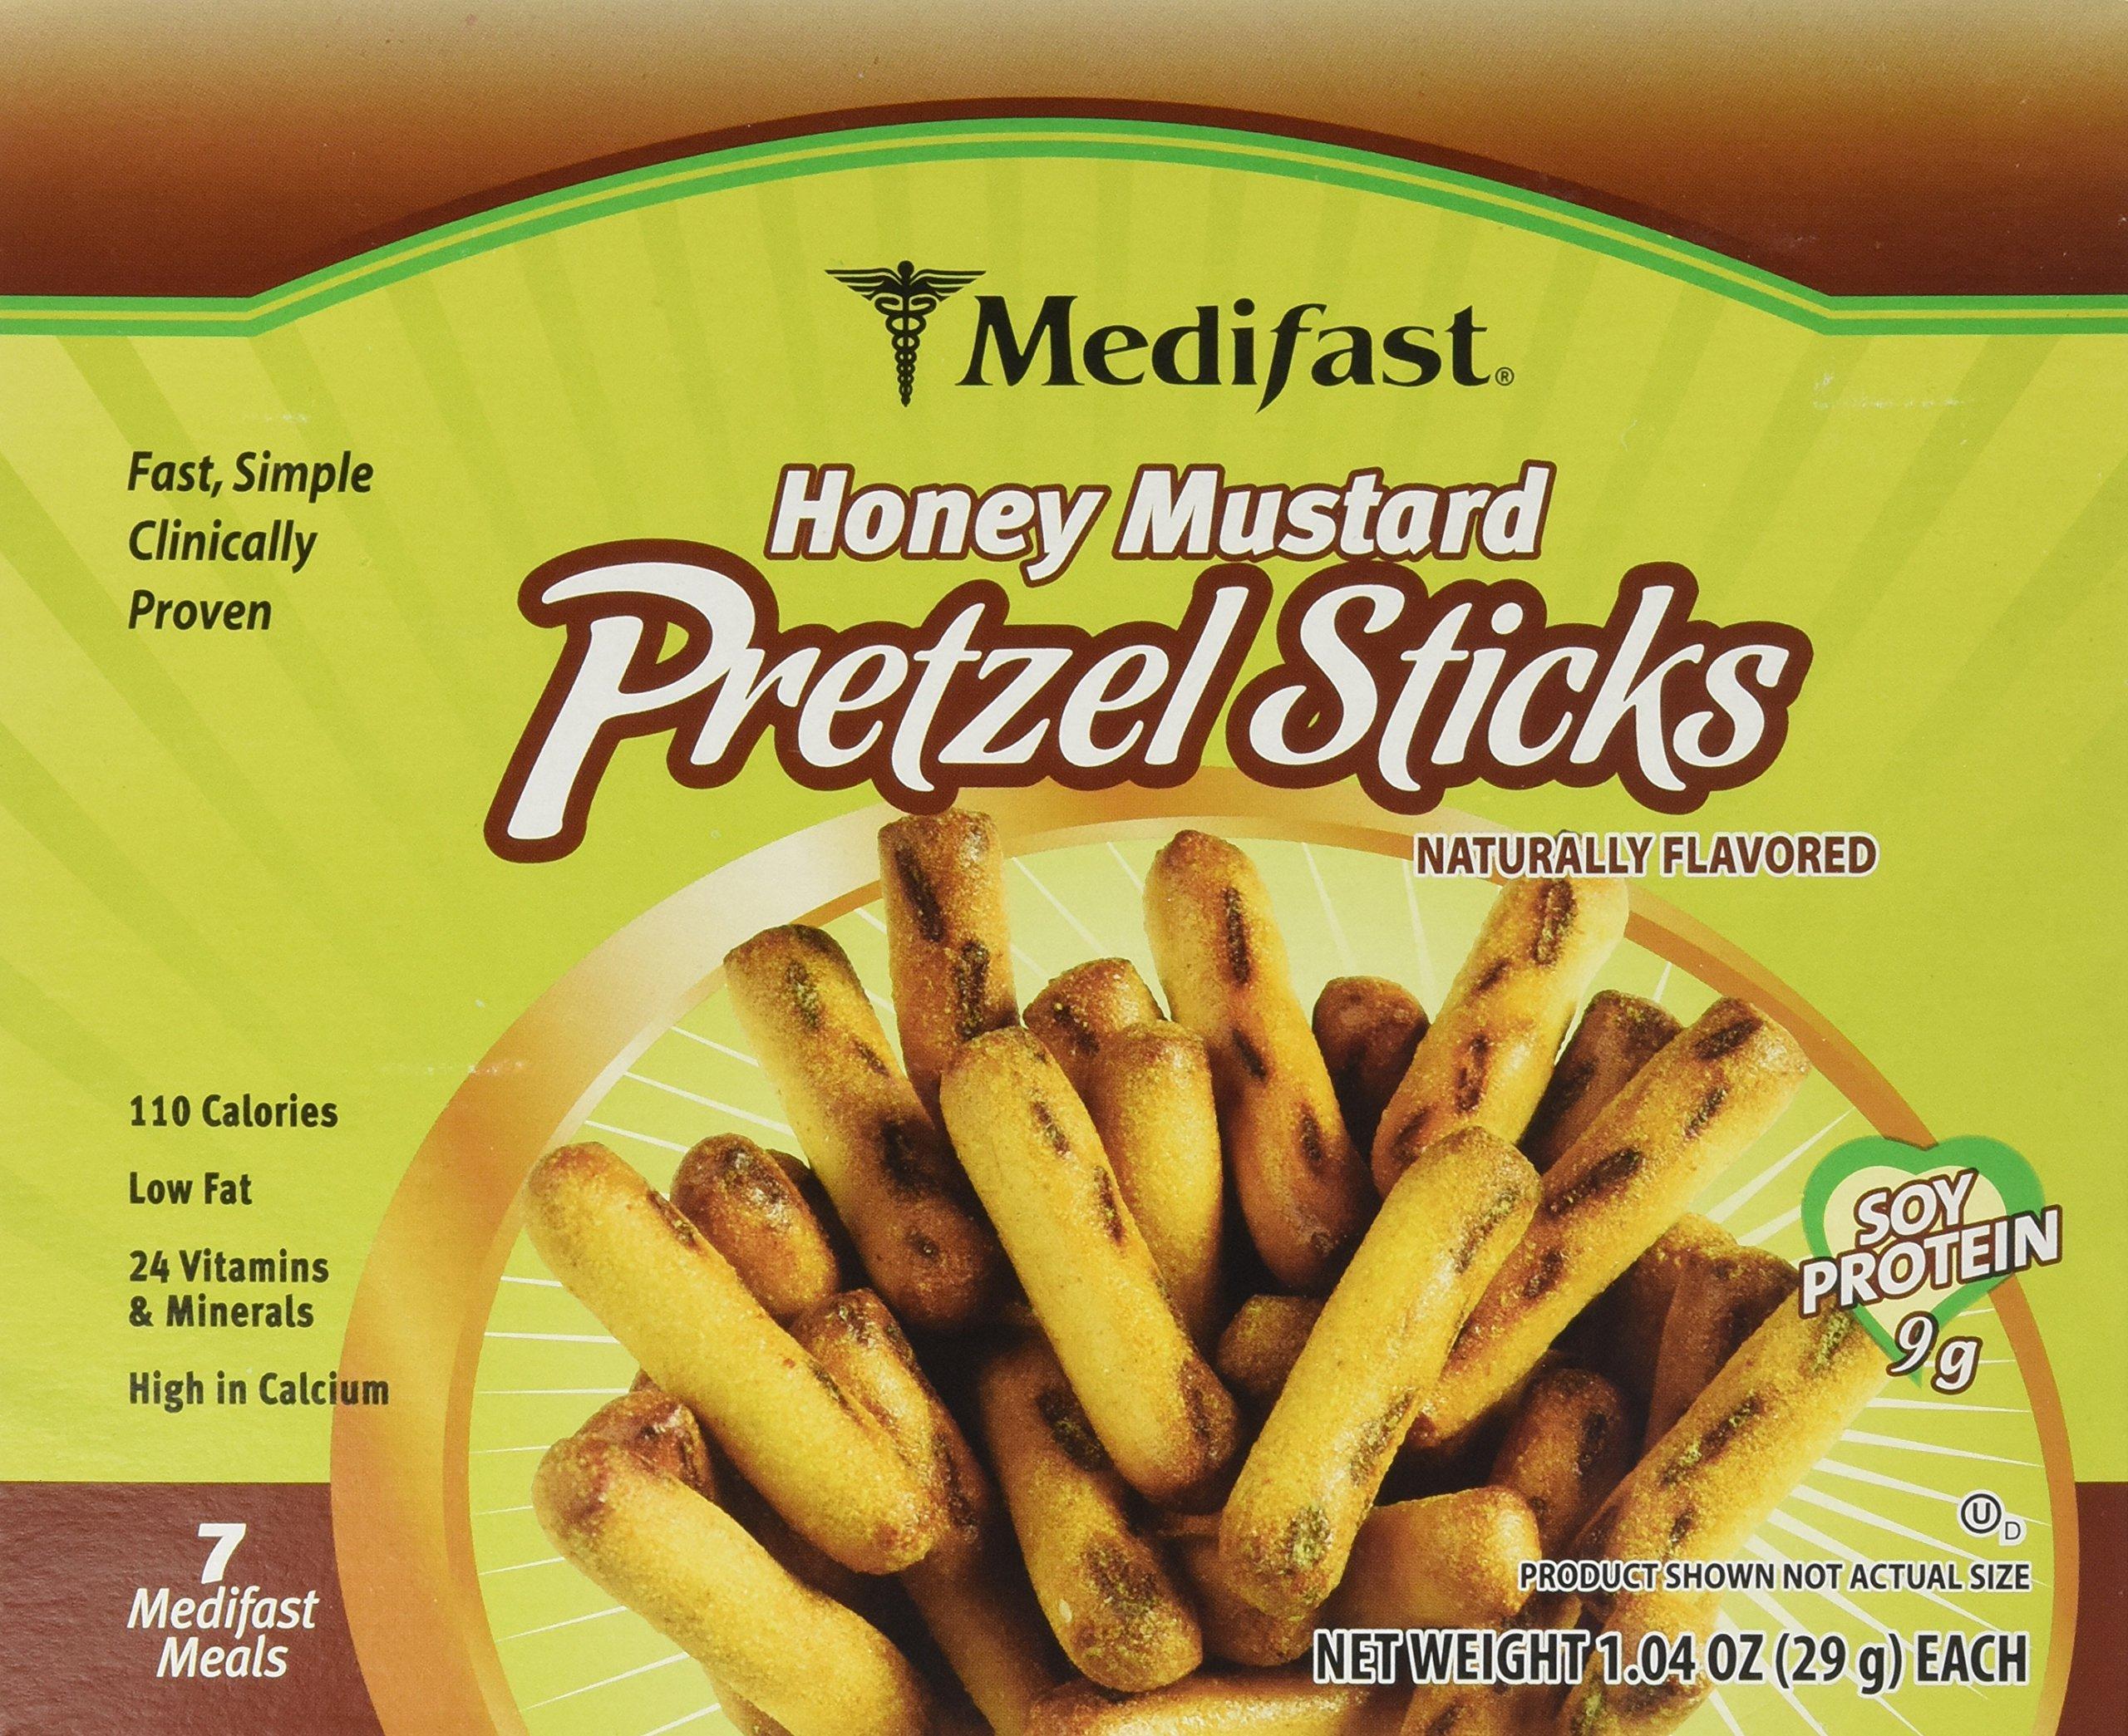 Medifast Honey Mustard Pretzel Sticks 1 Box (7 Servings)